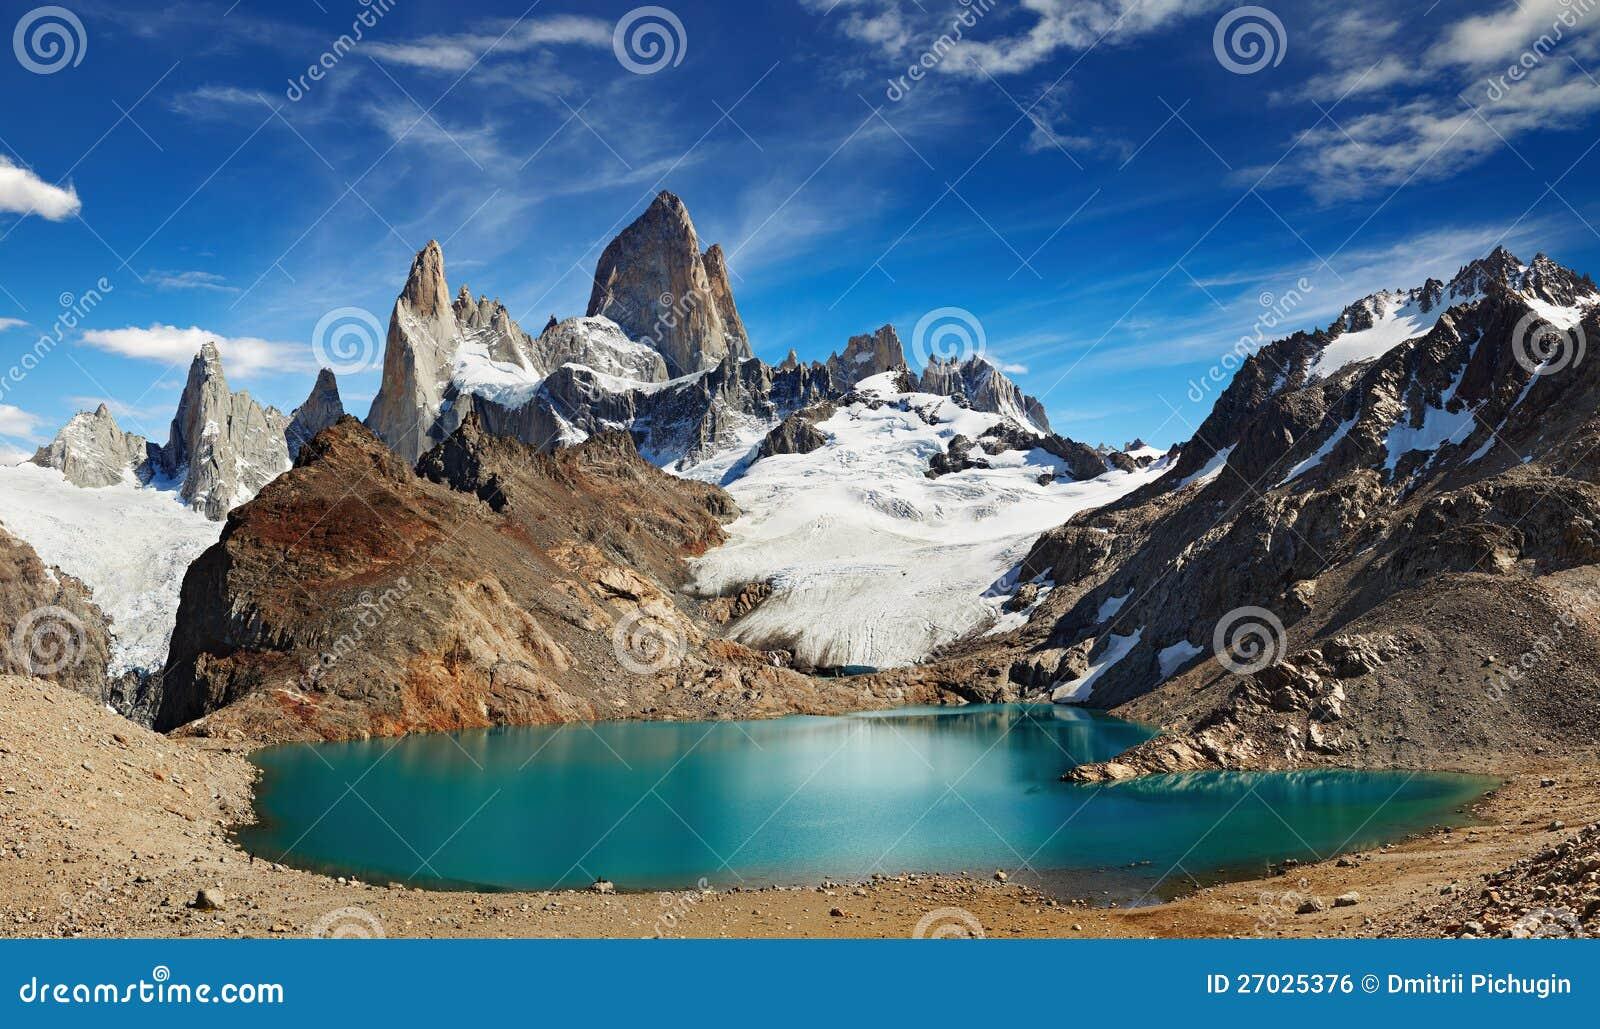 Hängen Sie Fitz Roy, Patagonia, Argentinien ein